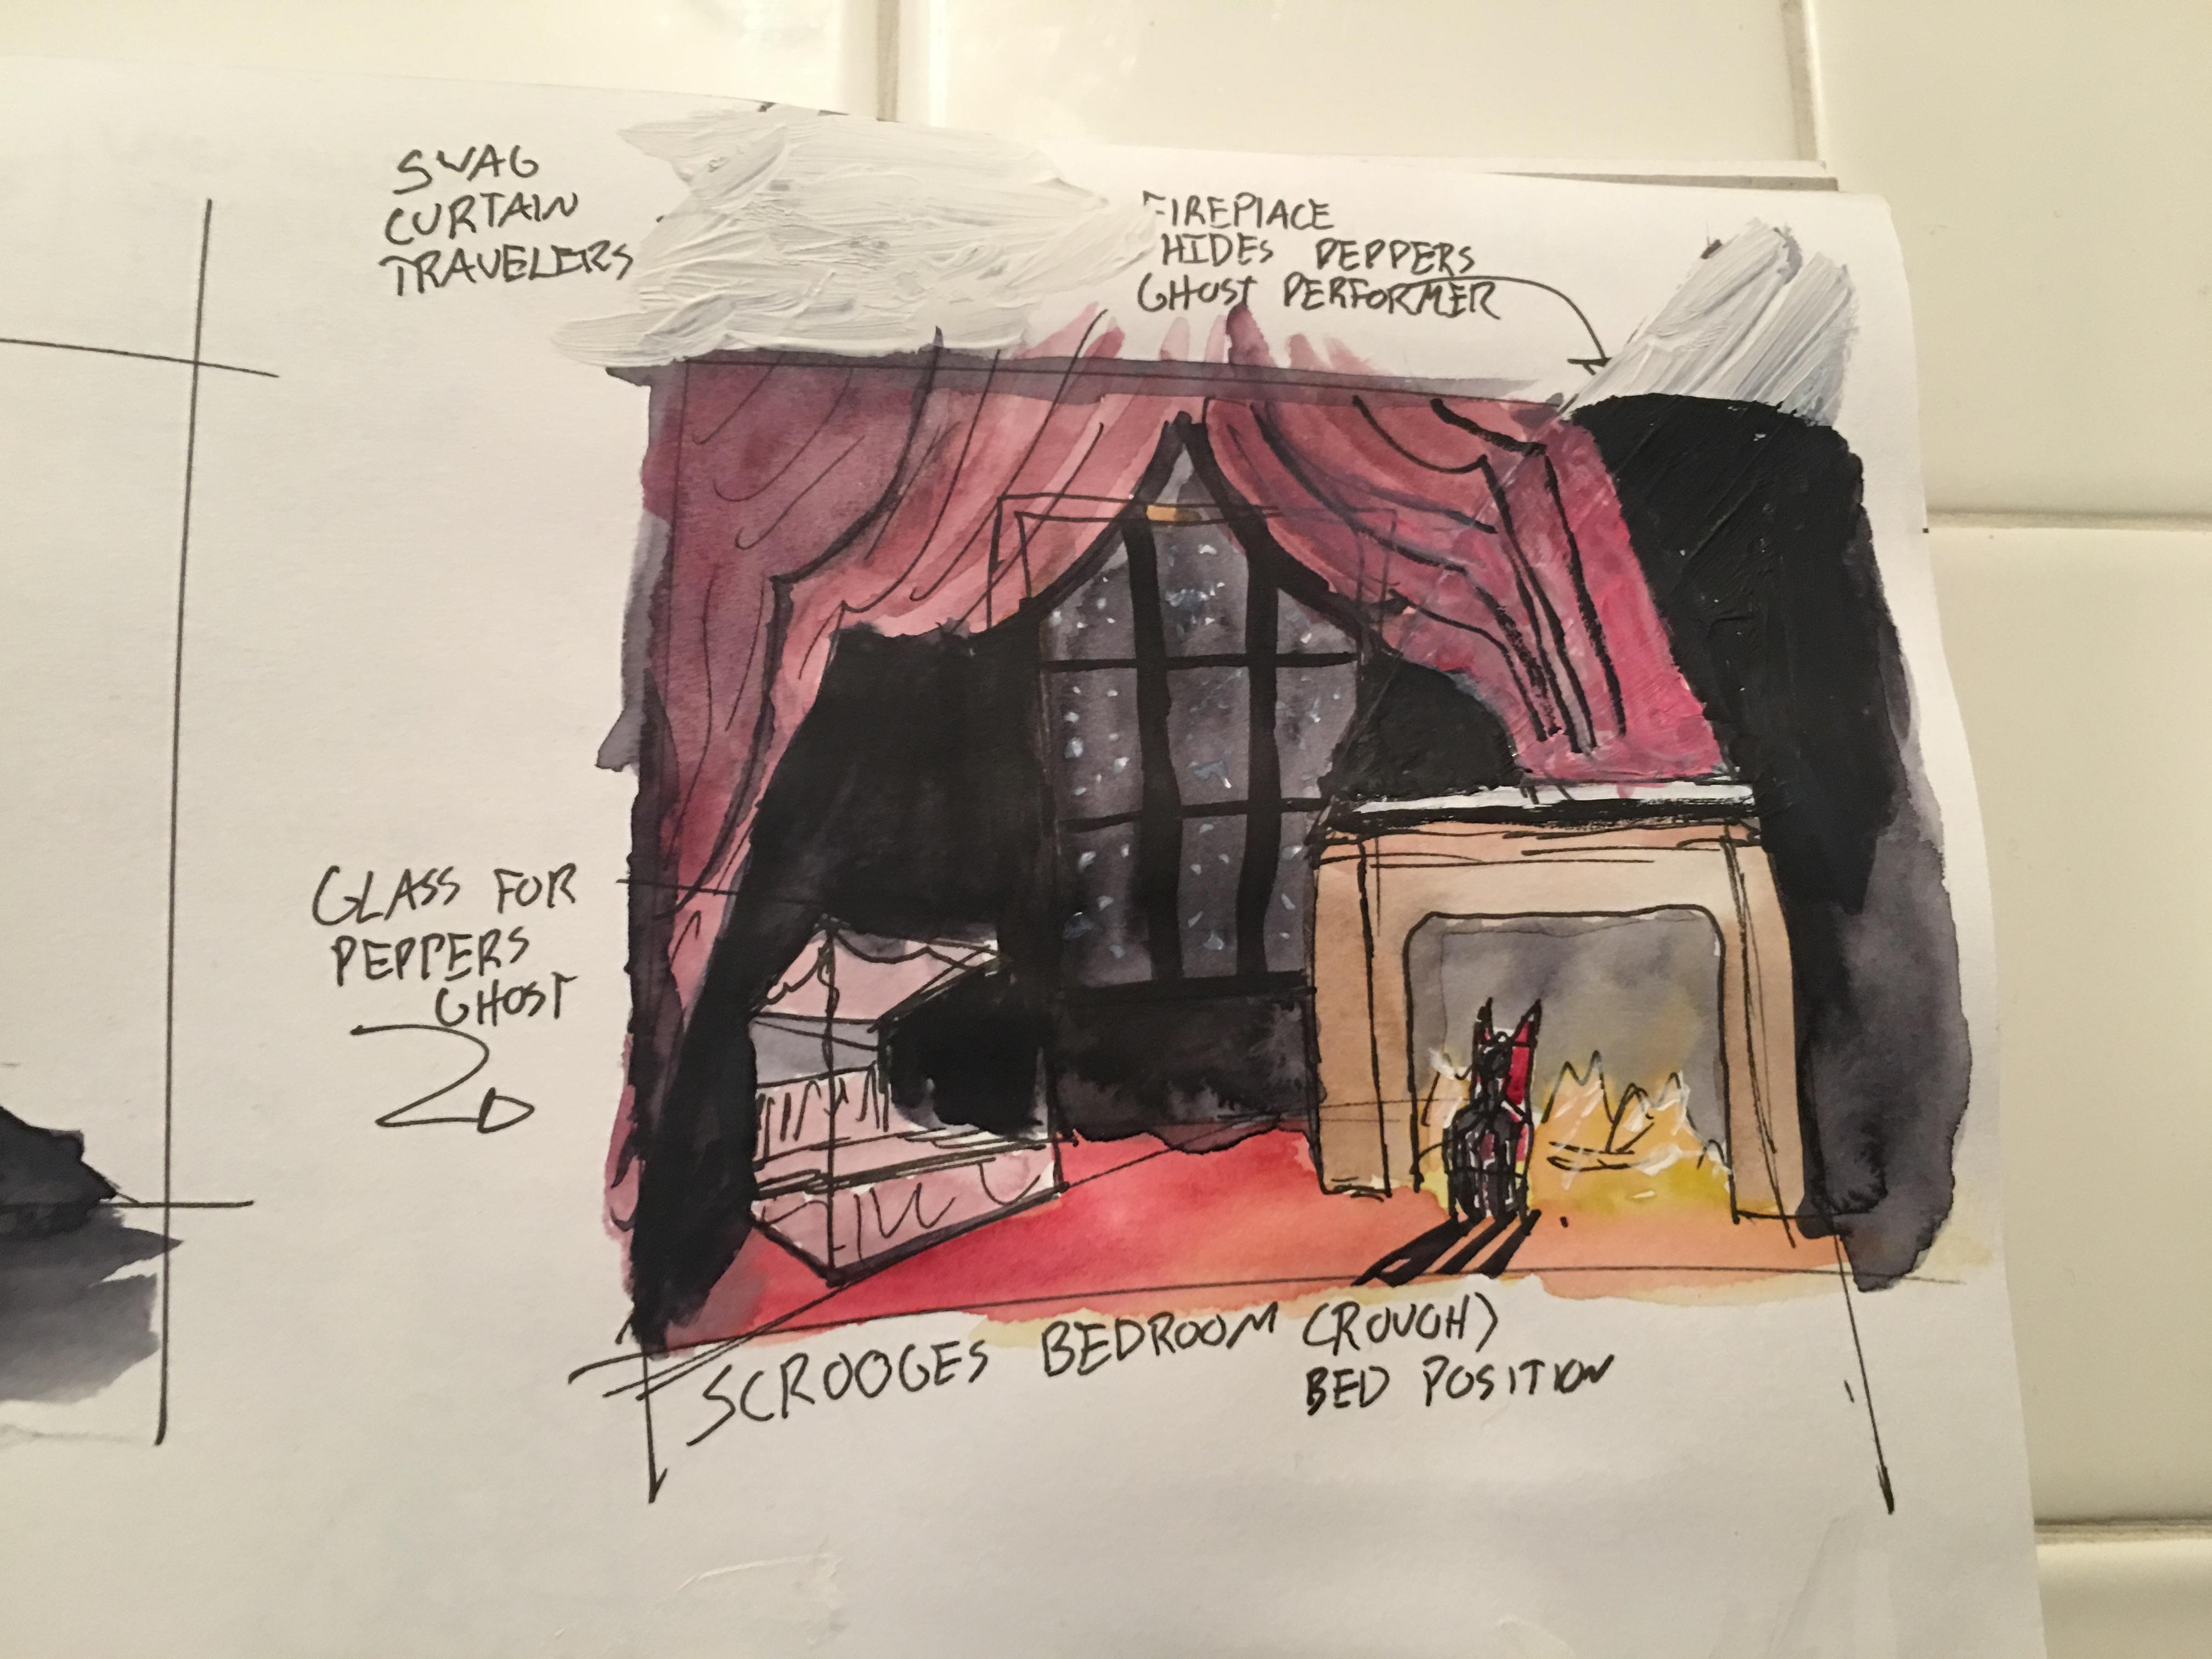 Scrooge's Bedroom